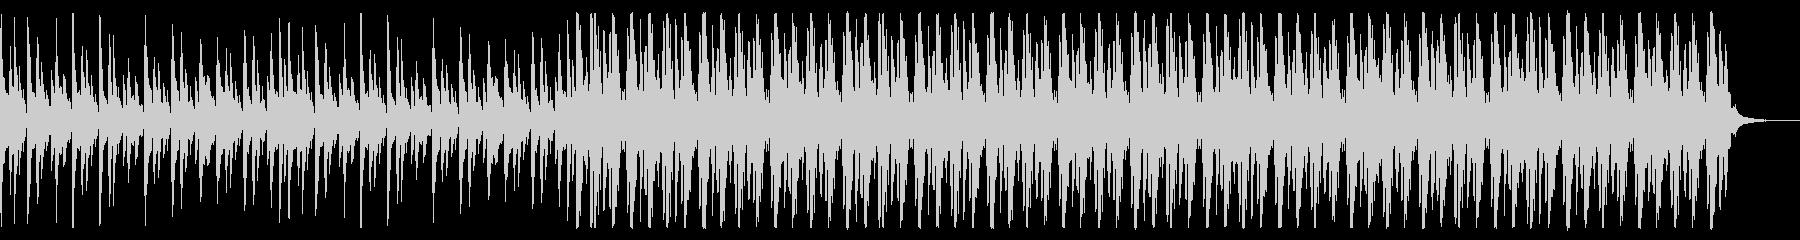 古代遺跡/ジャングル_No664_2の未再生の波形